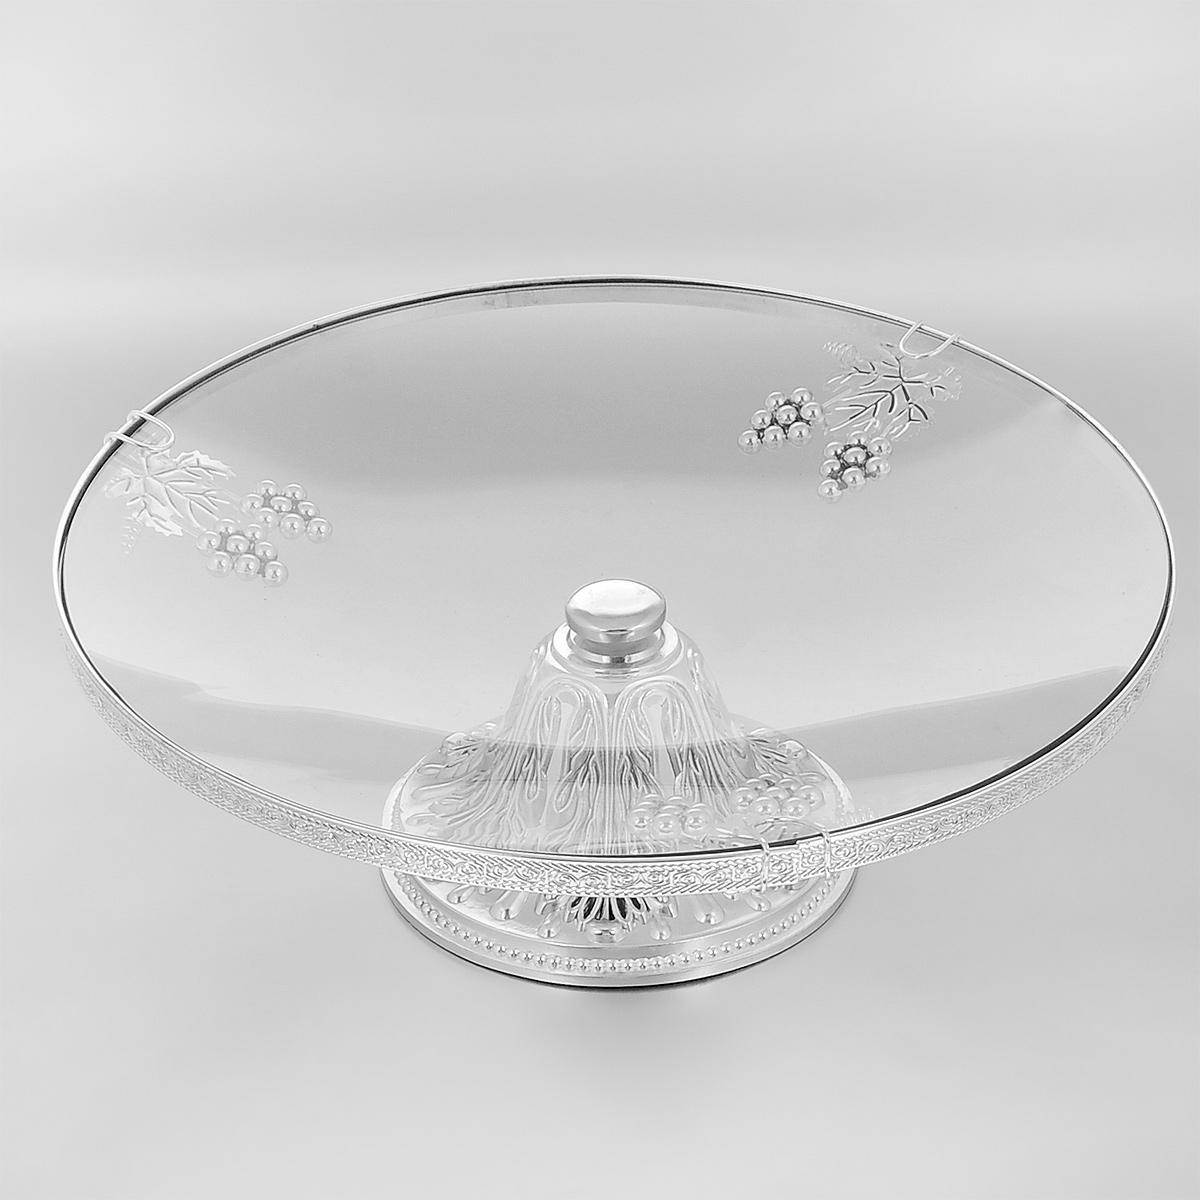 Ваза универсальная Marquis, диаметр 35 см. 7041-MR115510Универсальная ваза Marquis представляет собой круглое стеклянное блюдо на металлической ножке, выполненной из стали серебряно-никелевым покрытием. Блюдо украшено фигурками виноградных ягод и листьев. Ножка декорирована изысканным рельефом. Ваза прекрасно подойдет для красивой сервировки тортов, конфет, различных пирожных, выпечки и фруктов. Такая ваза придется по вкусу и ценителям классики, и тем, кто предпочитает утонченность и изысканность. Она великолепно украсит праздничный стол и подчеркнет прекрасный вкус хозяина, а также станет отличным подарком.Диаметр блюда: 35 см.Диаметр основания: 16 см.Высота вазы: 13 см.